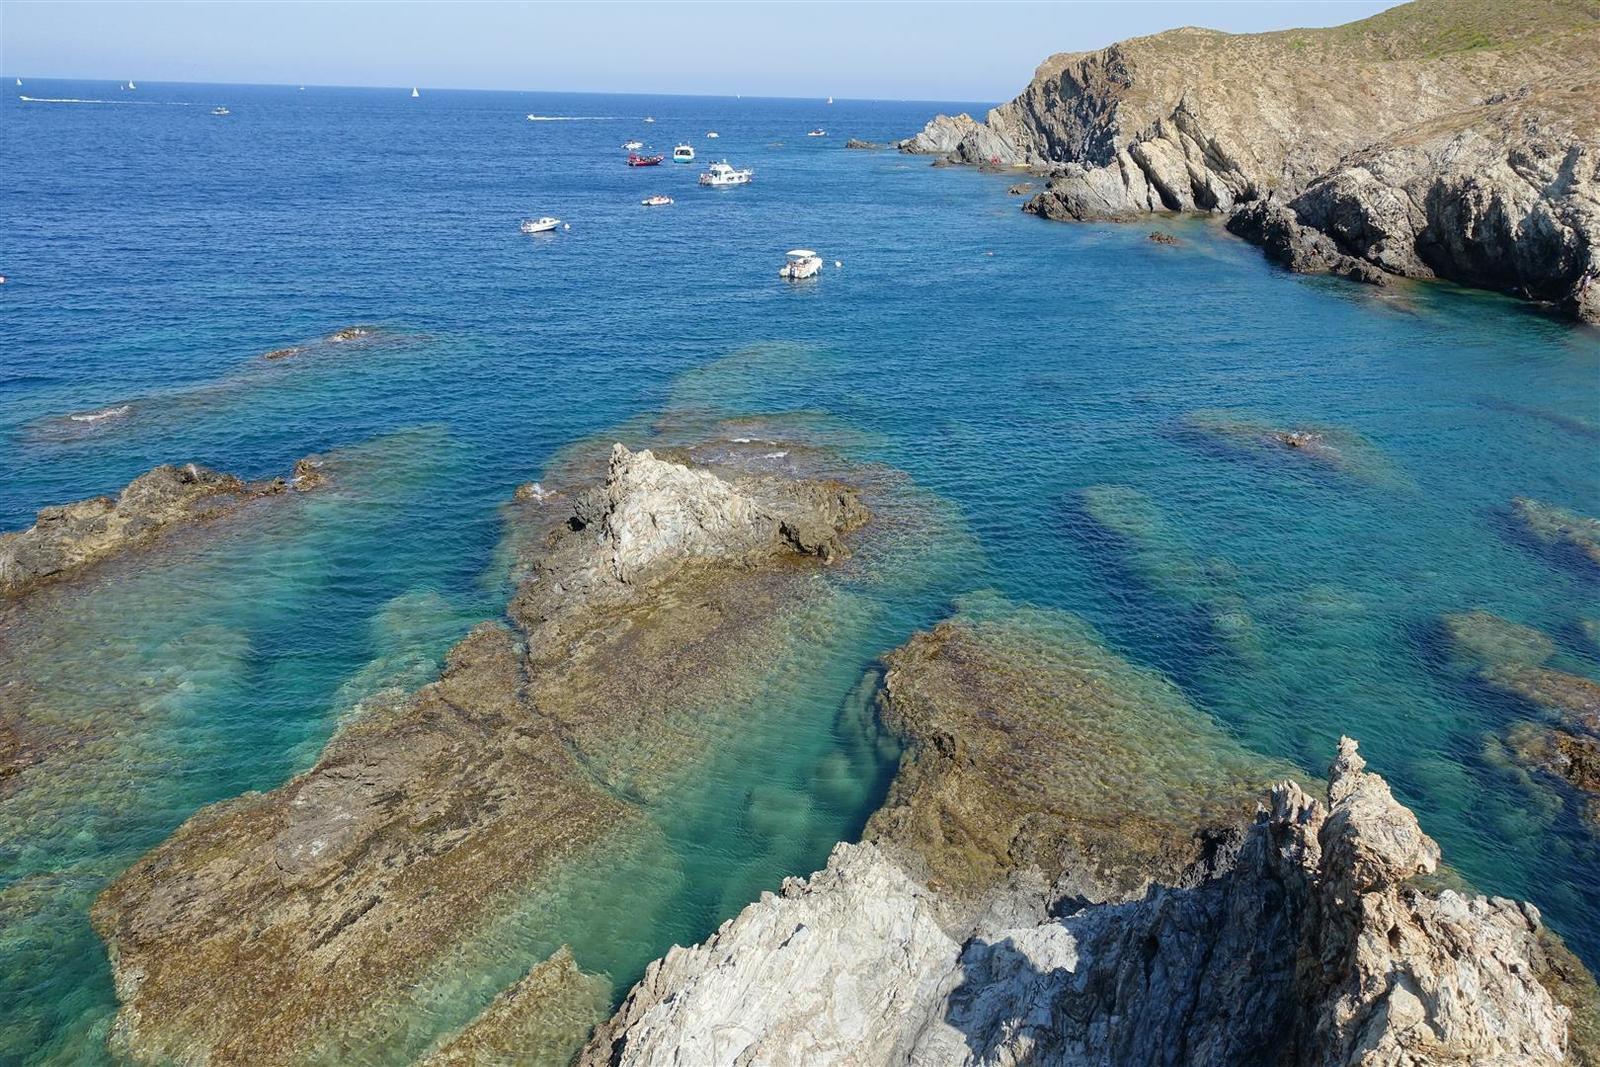 les schistes de la réserve marine de Cerbère Banyuls-sur-Mer